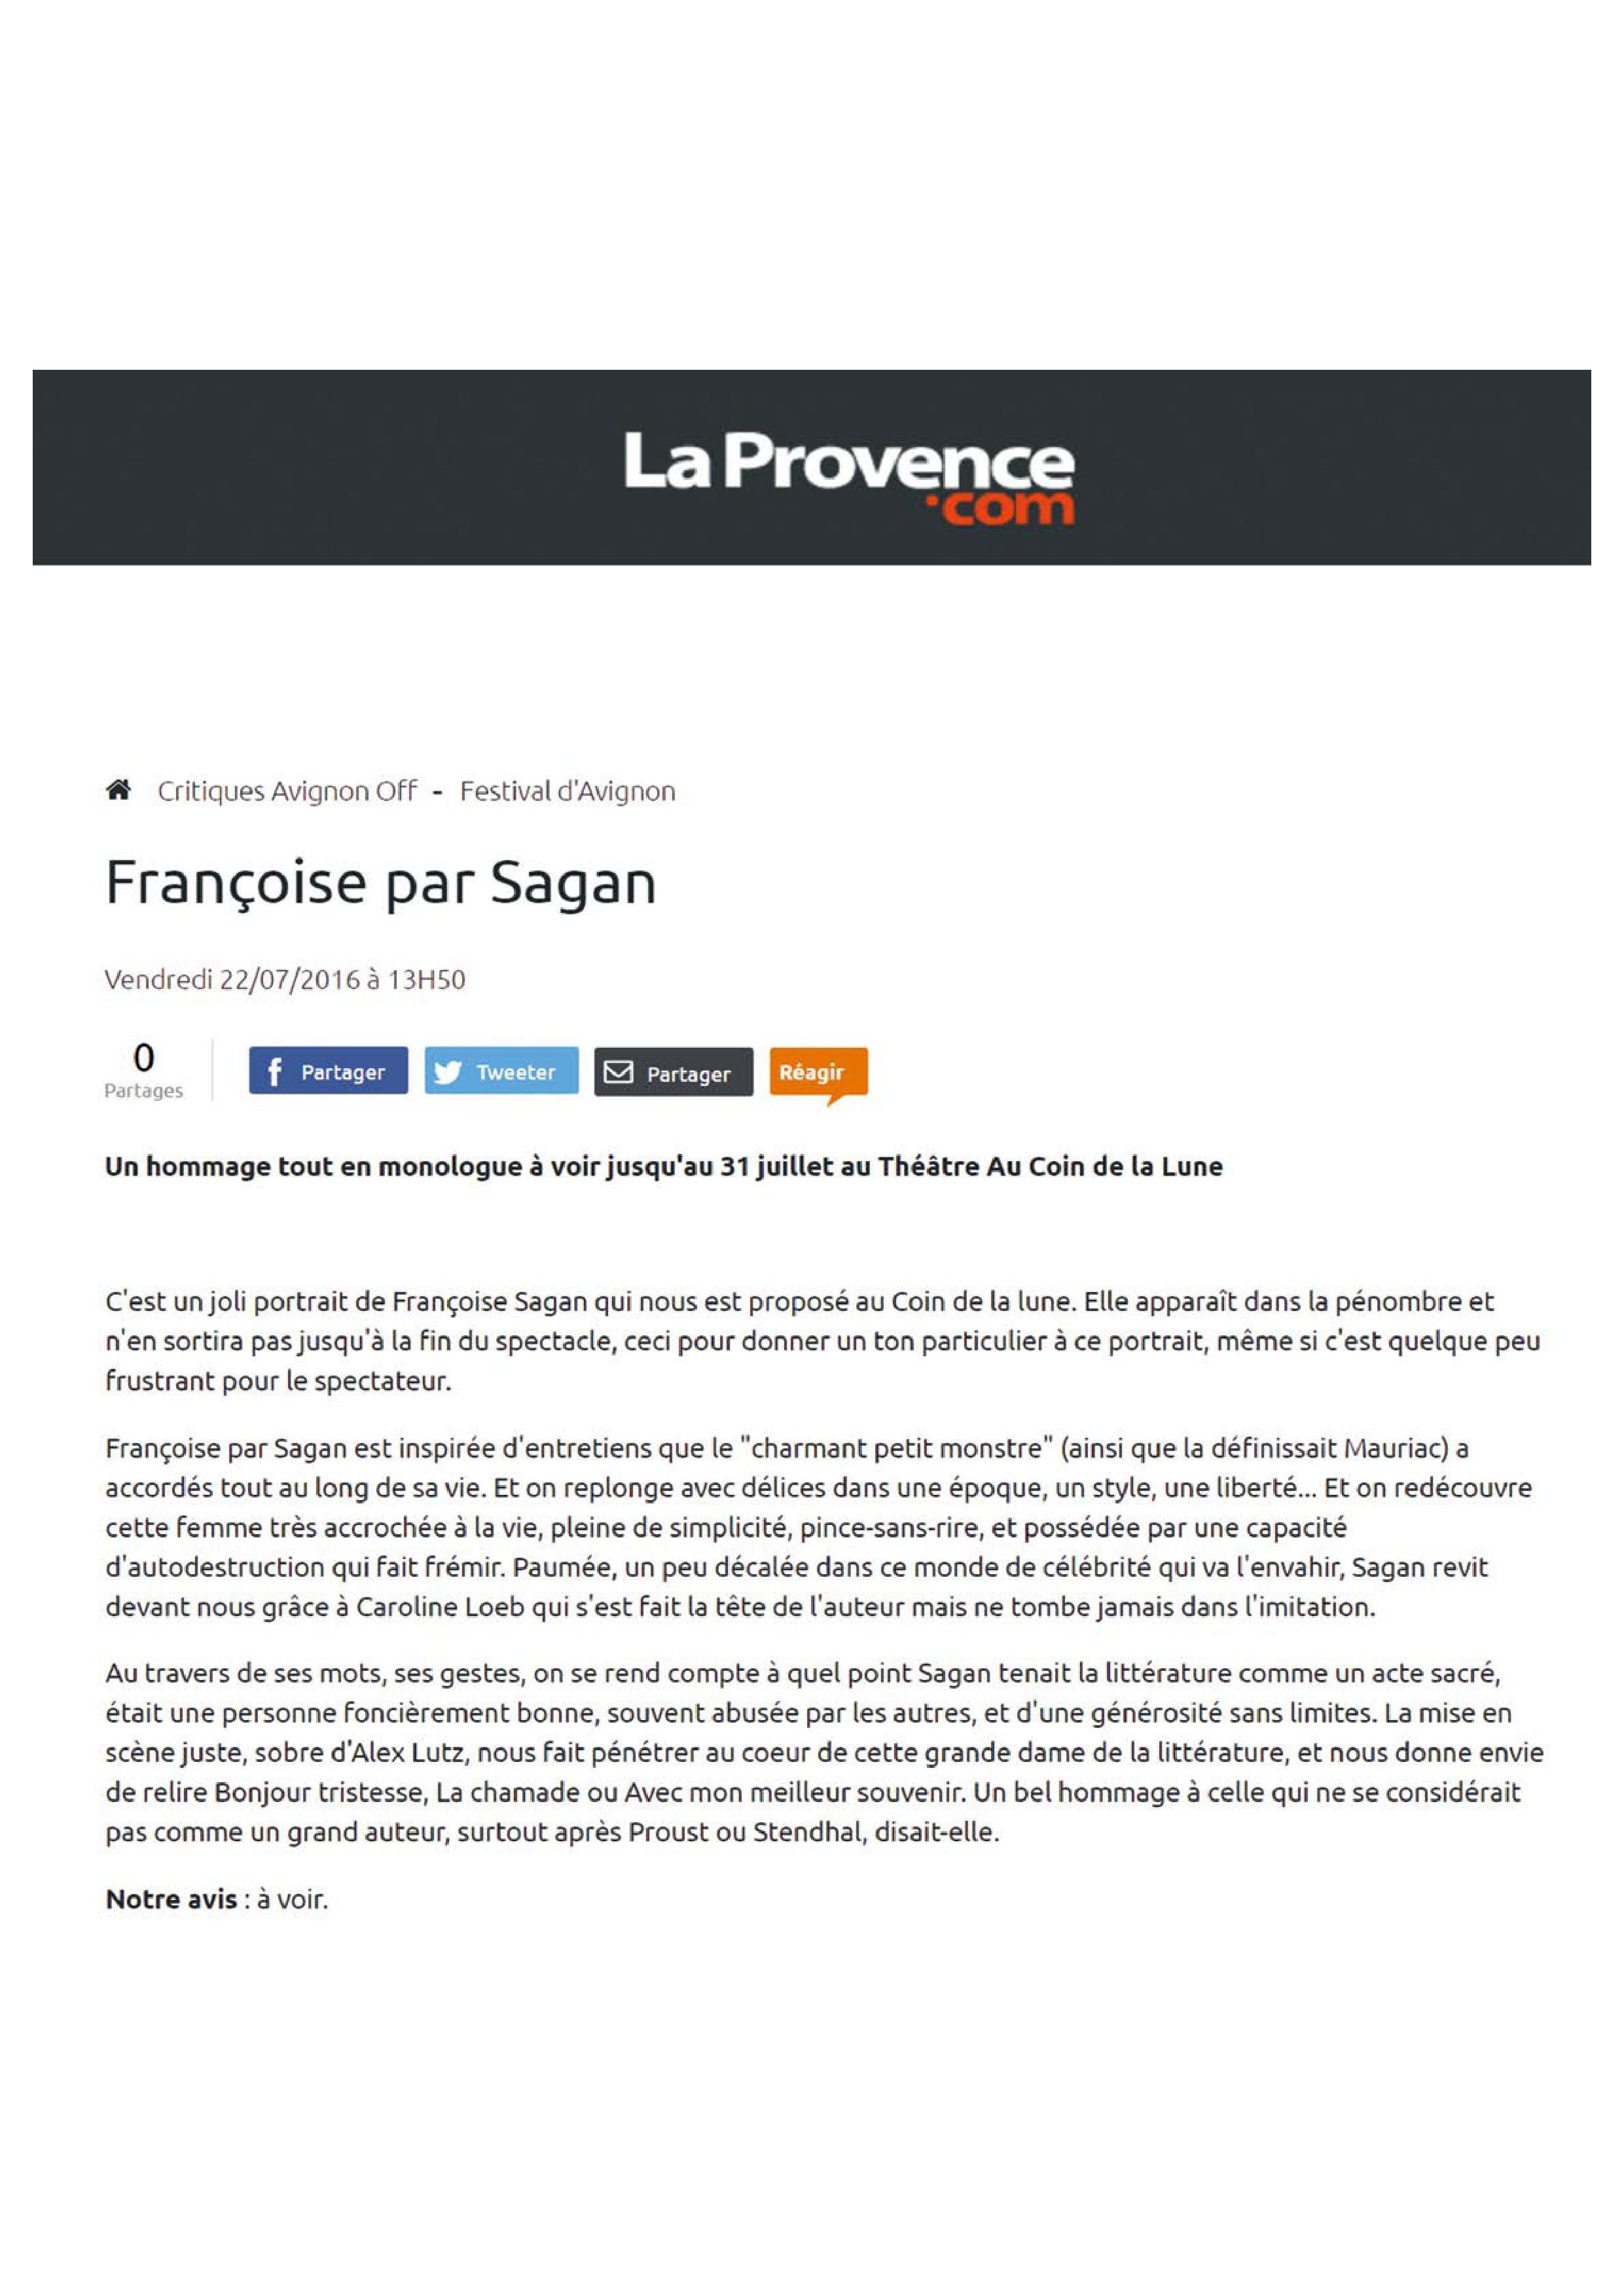 La Provencecom